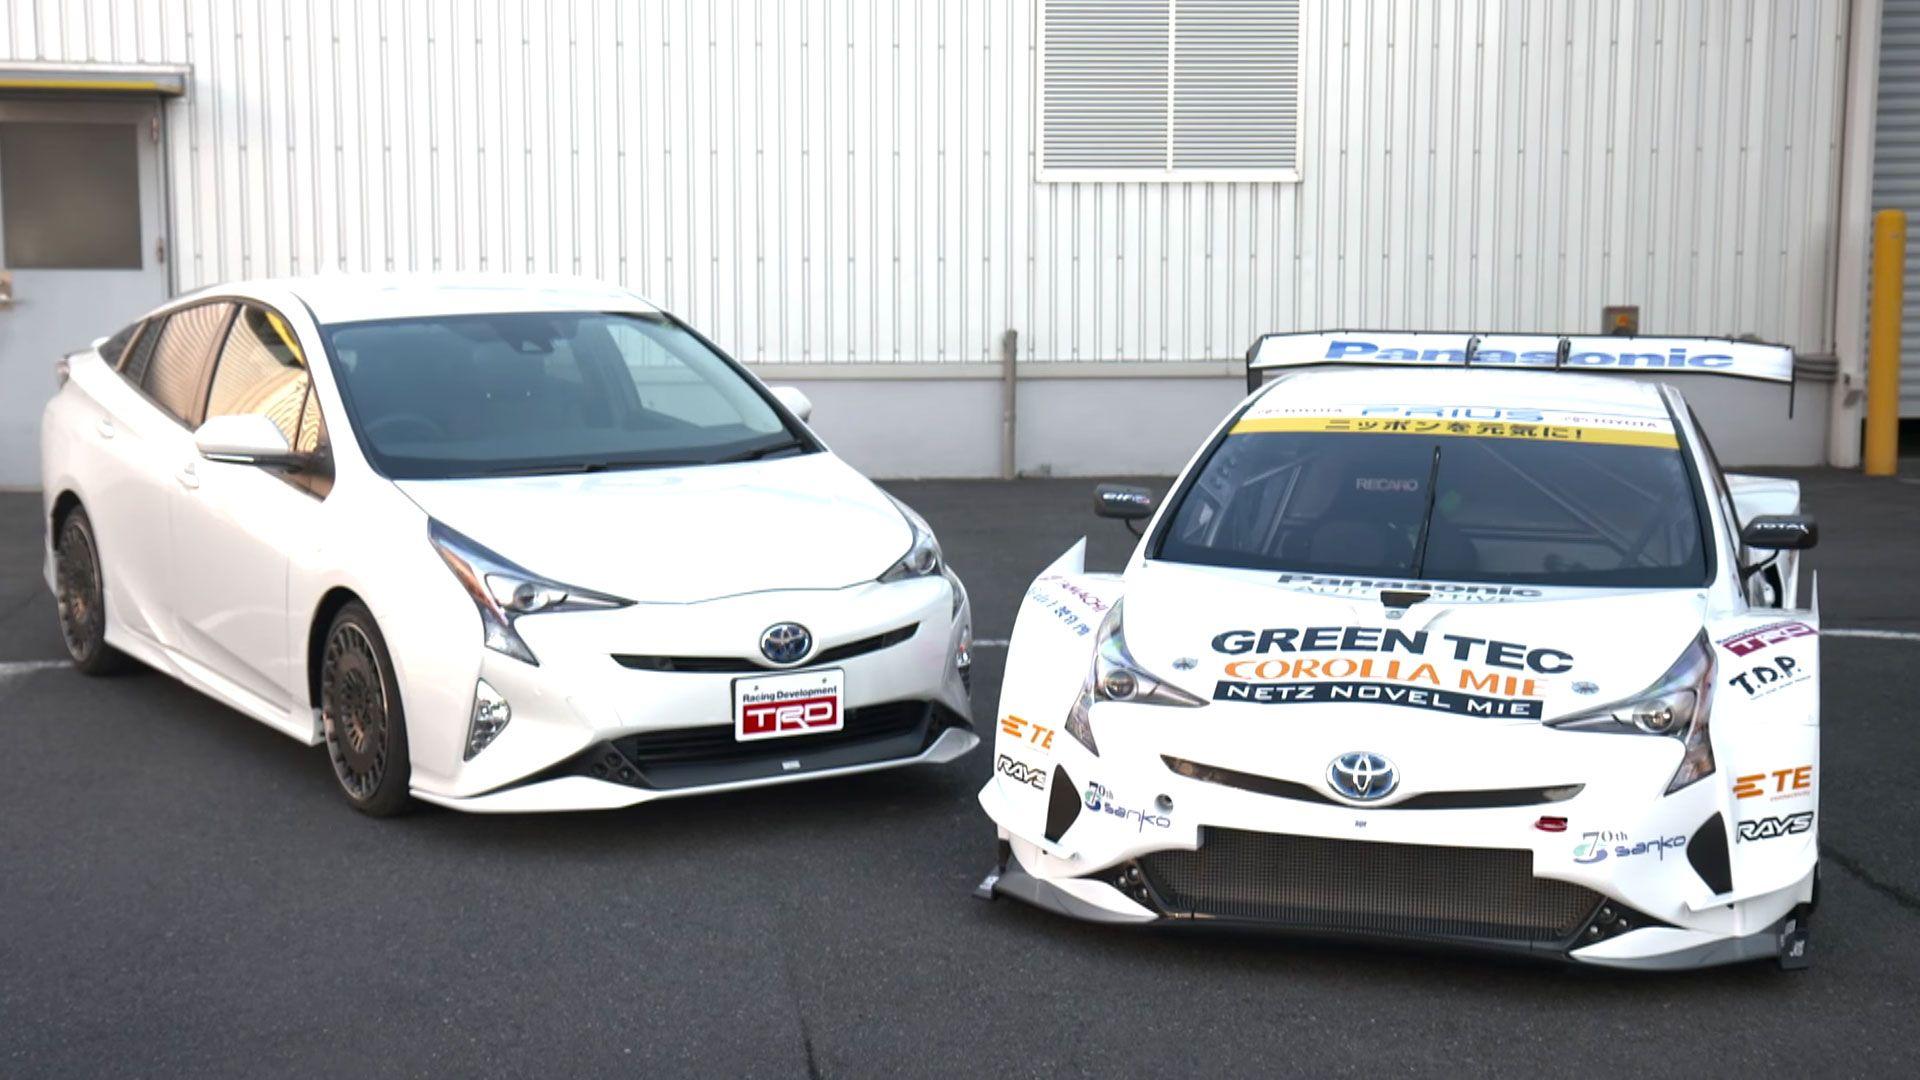 2016 Toyota Prius Gt300 Racecar Debuts In Tokyo Is As